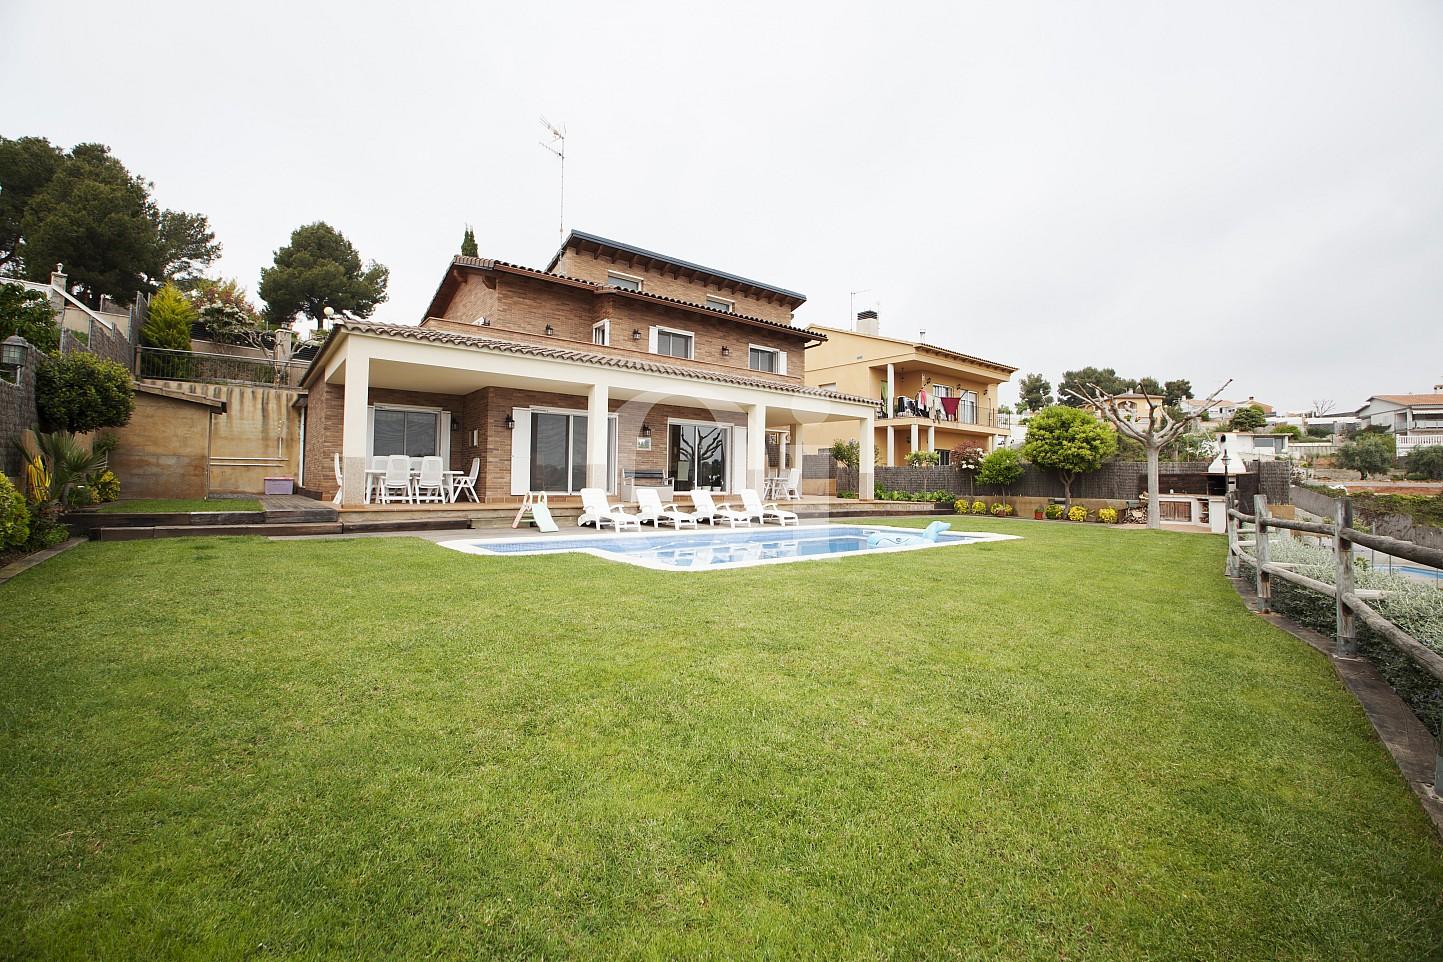 Фасад прекрасного дома на продажу с бассейном в Таррагоне